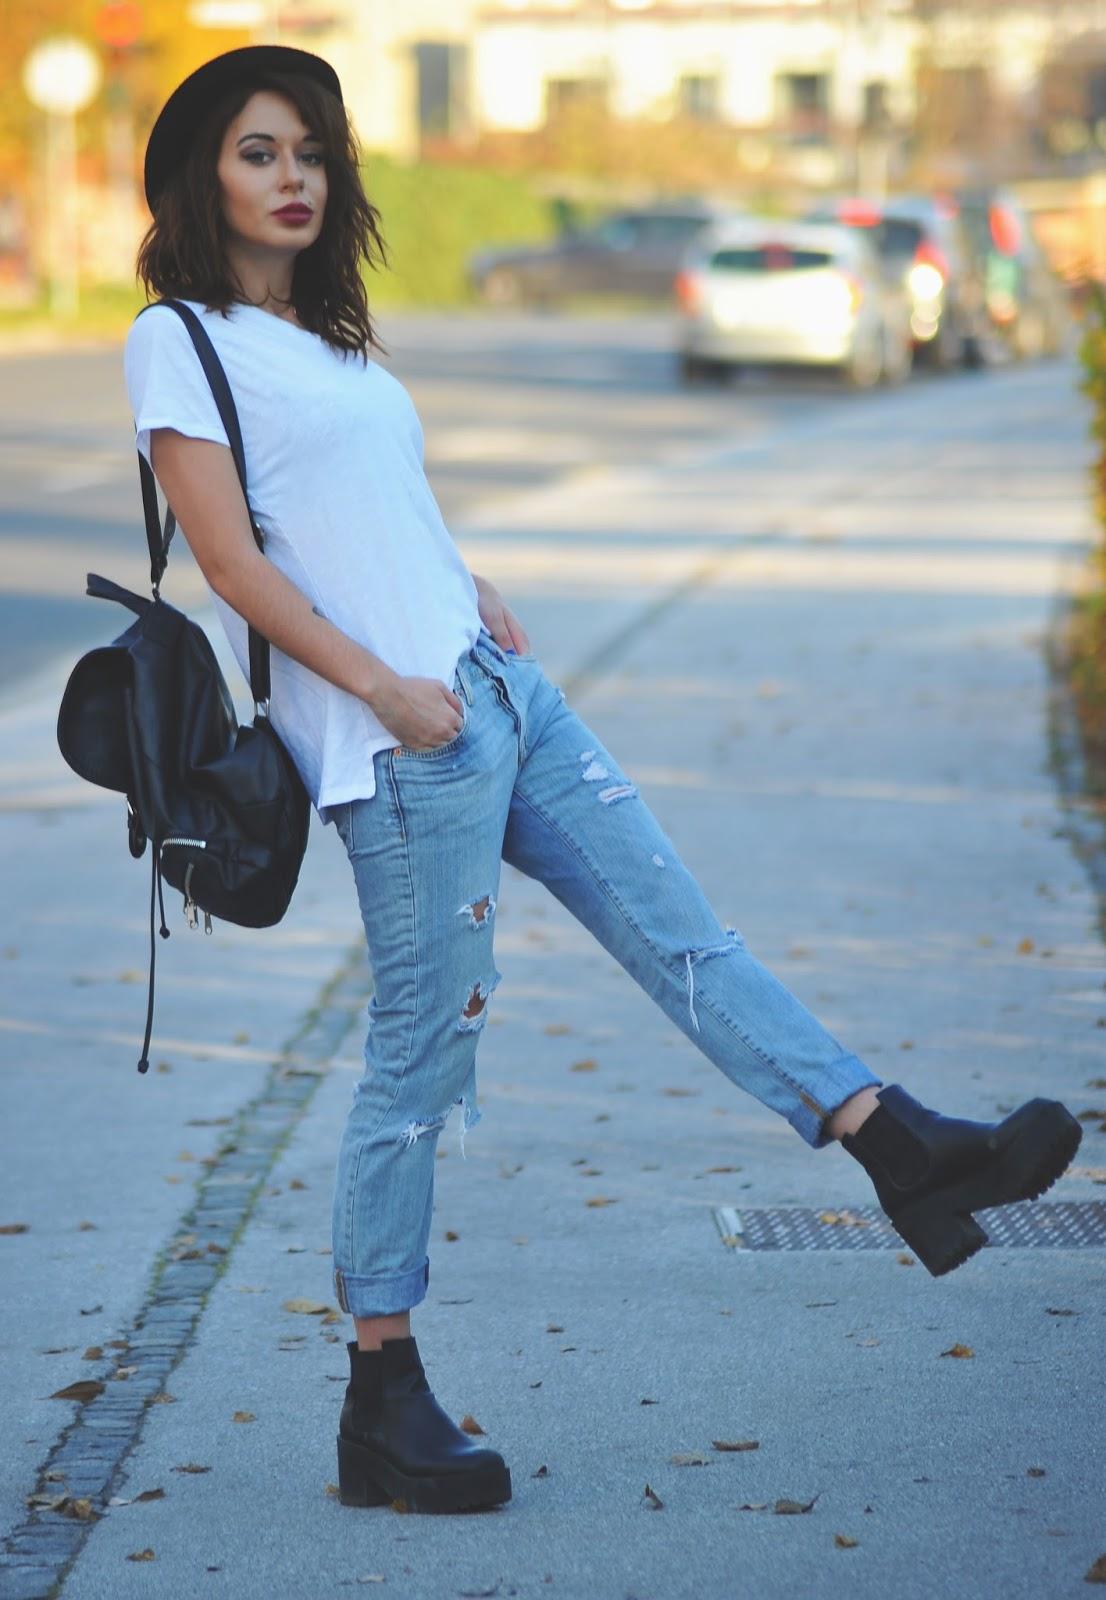 dff795cc1e5 Blue jeans